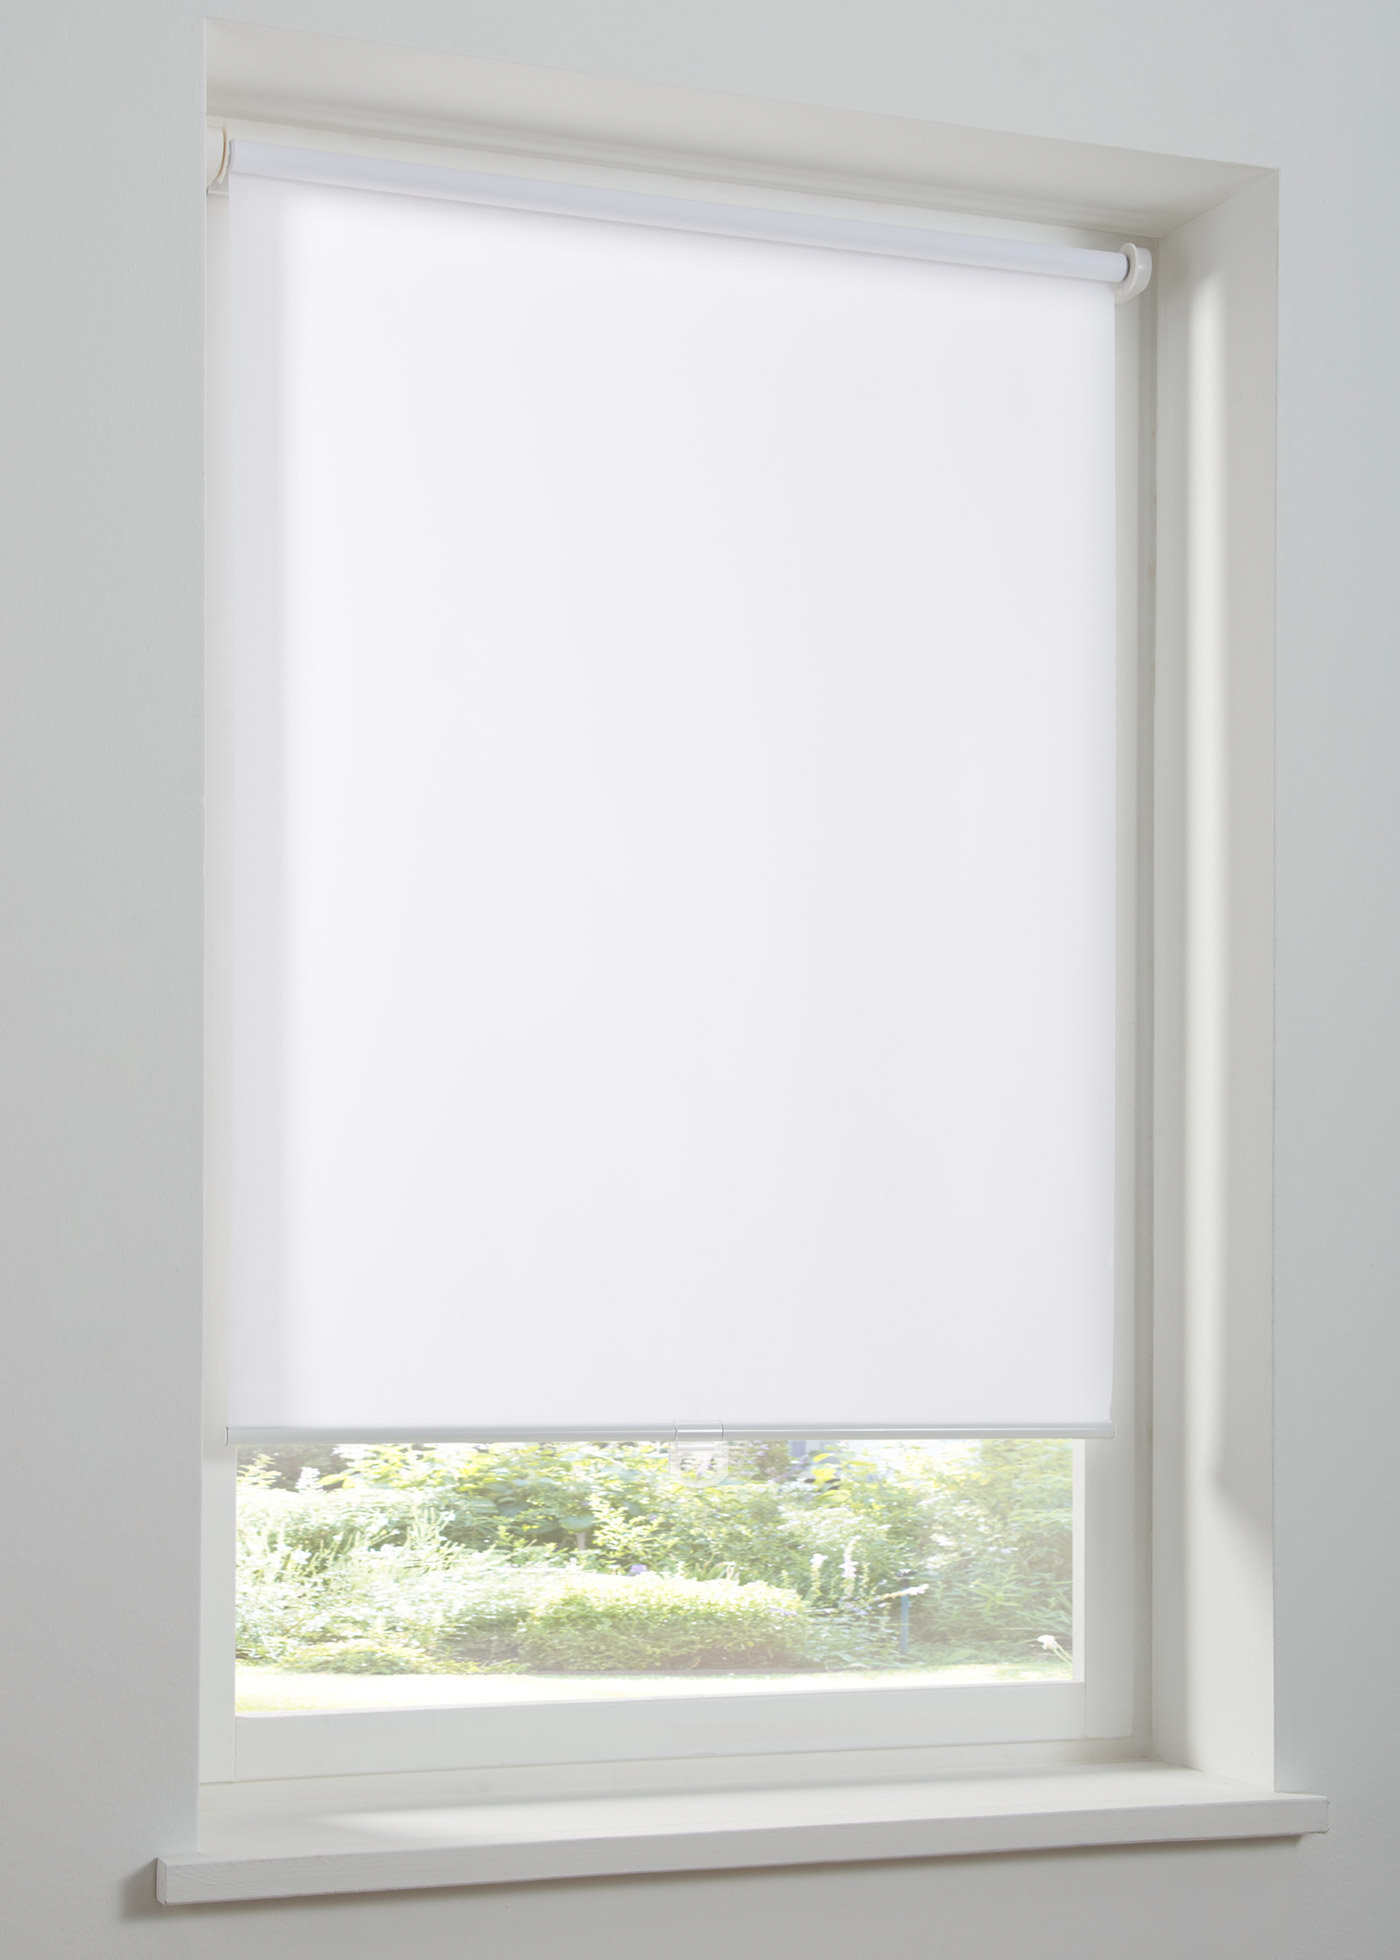 Schnurloses Sichtschutzrollo einfarbig in weiß von bonprix